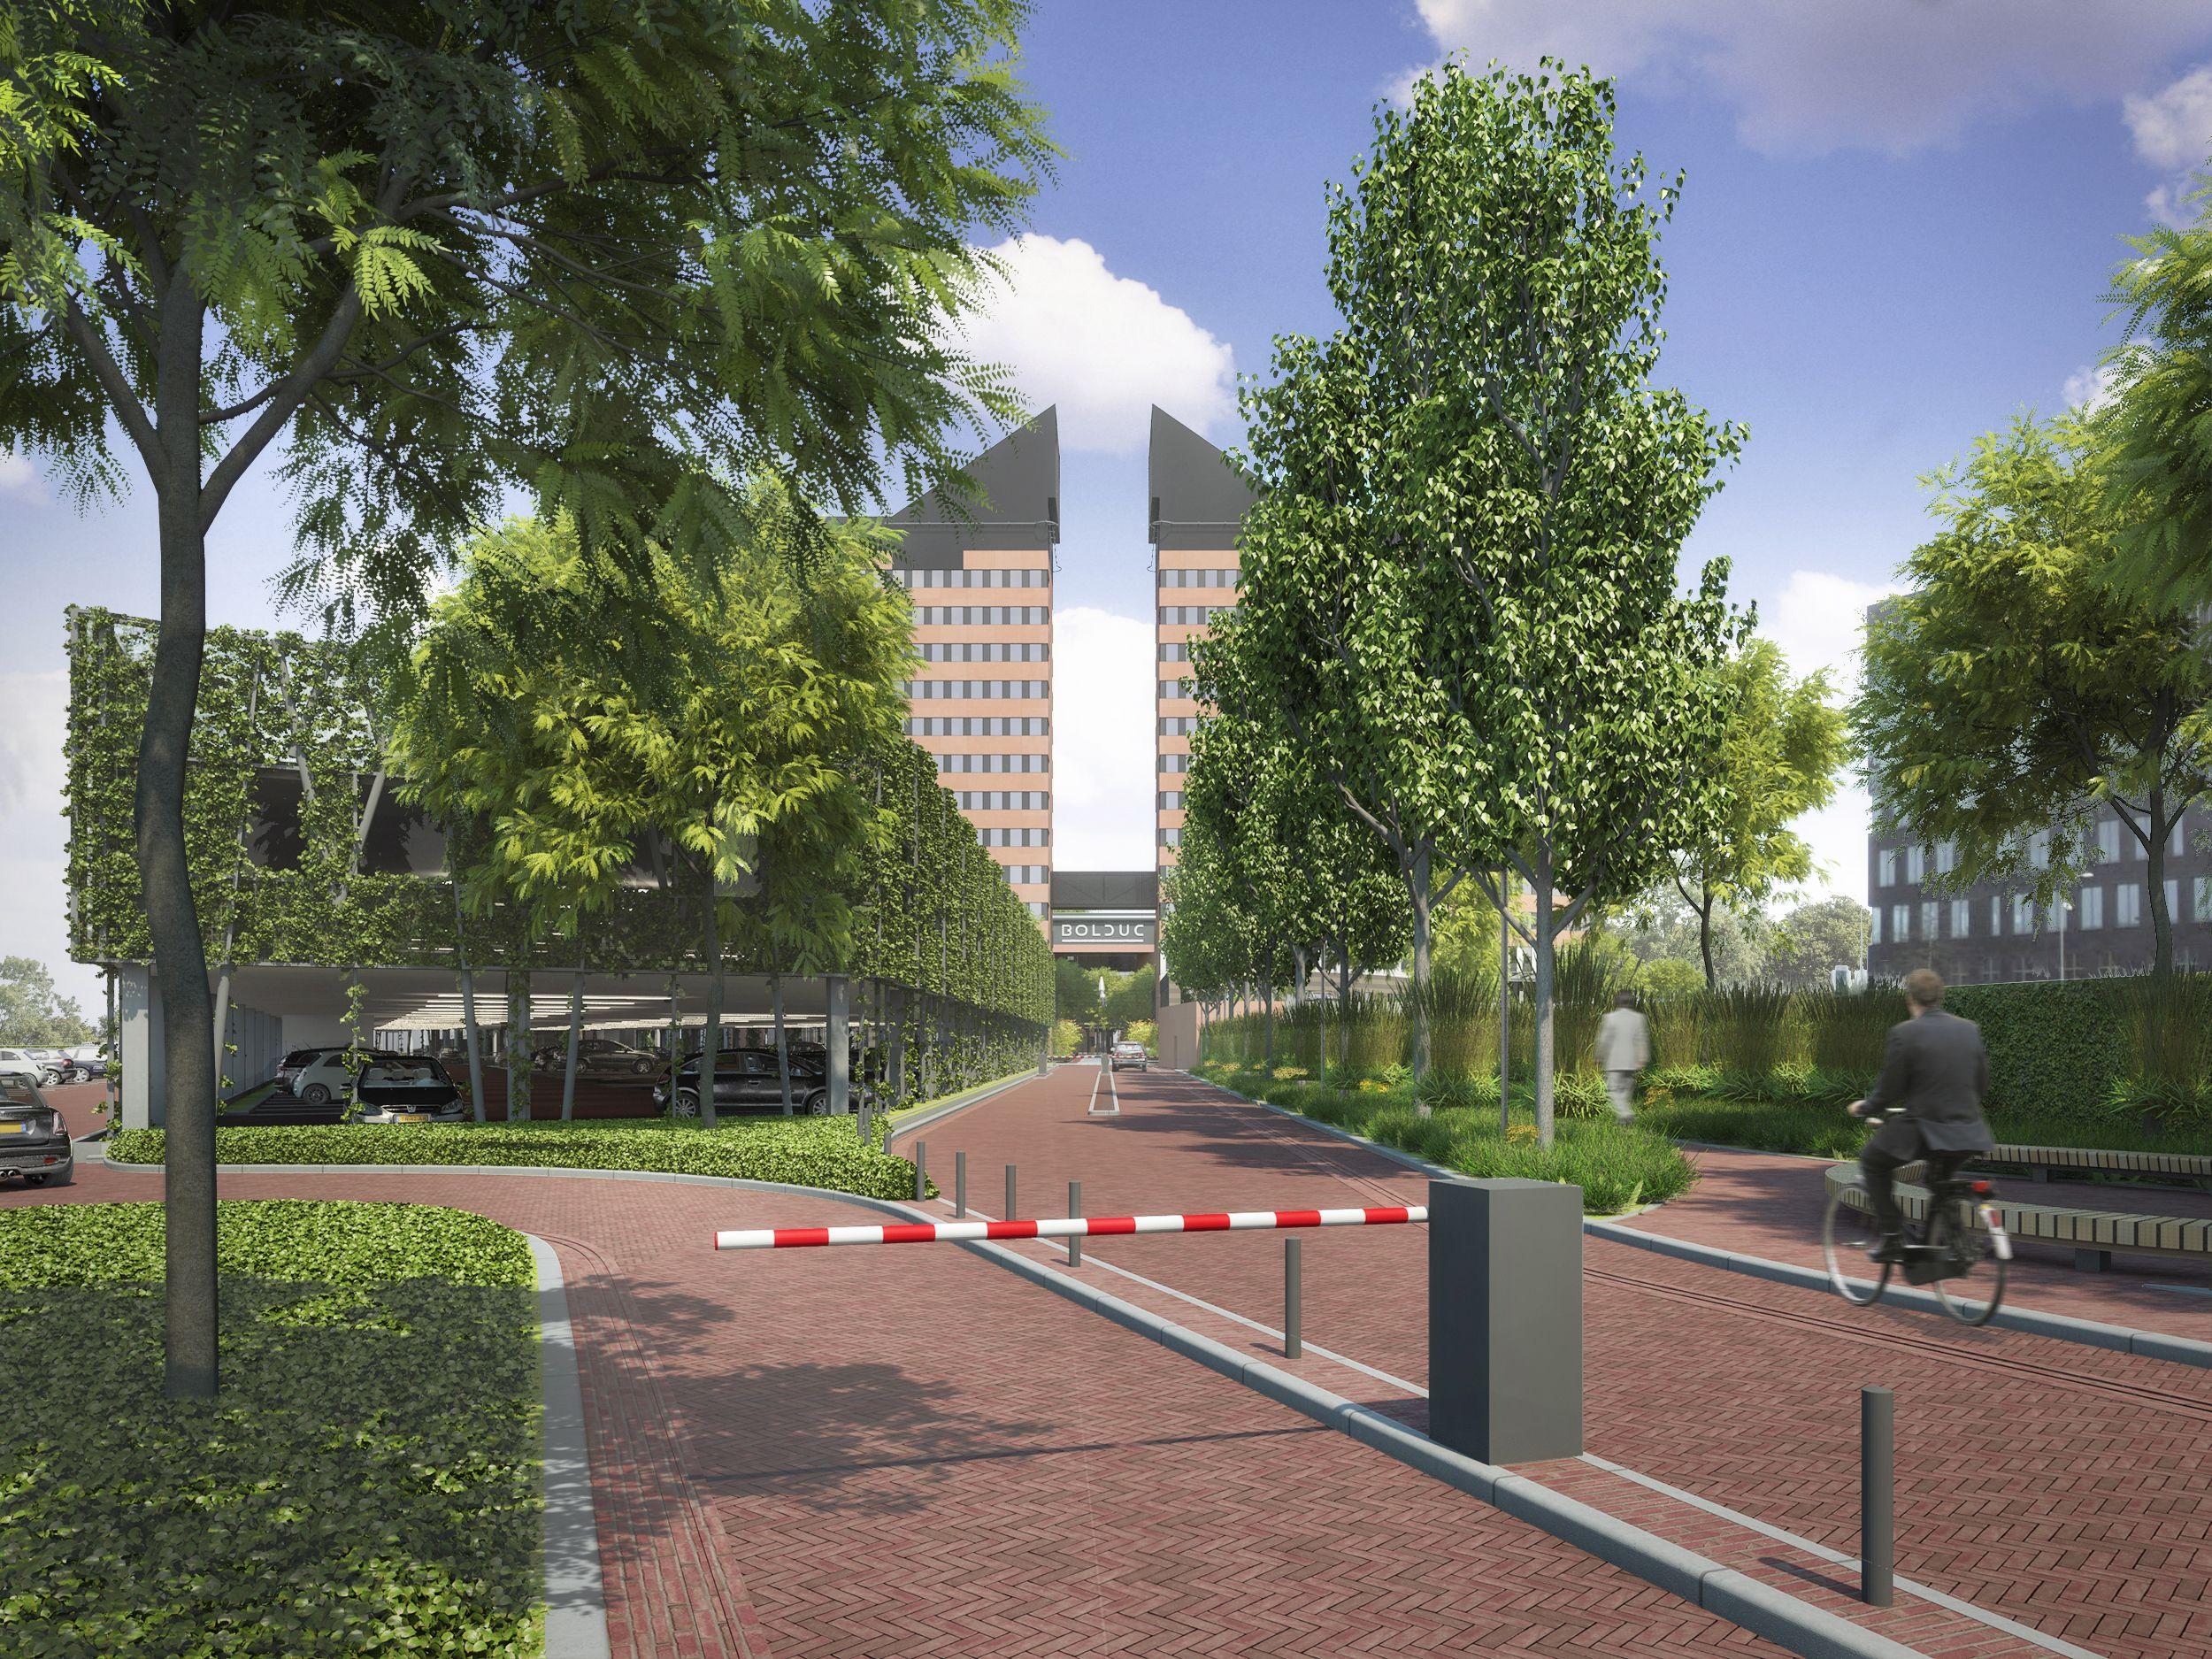 's-Hertogenbosch Parking Exterior